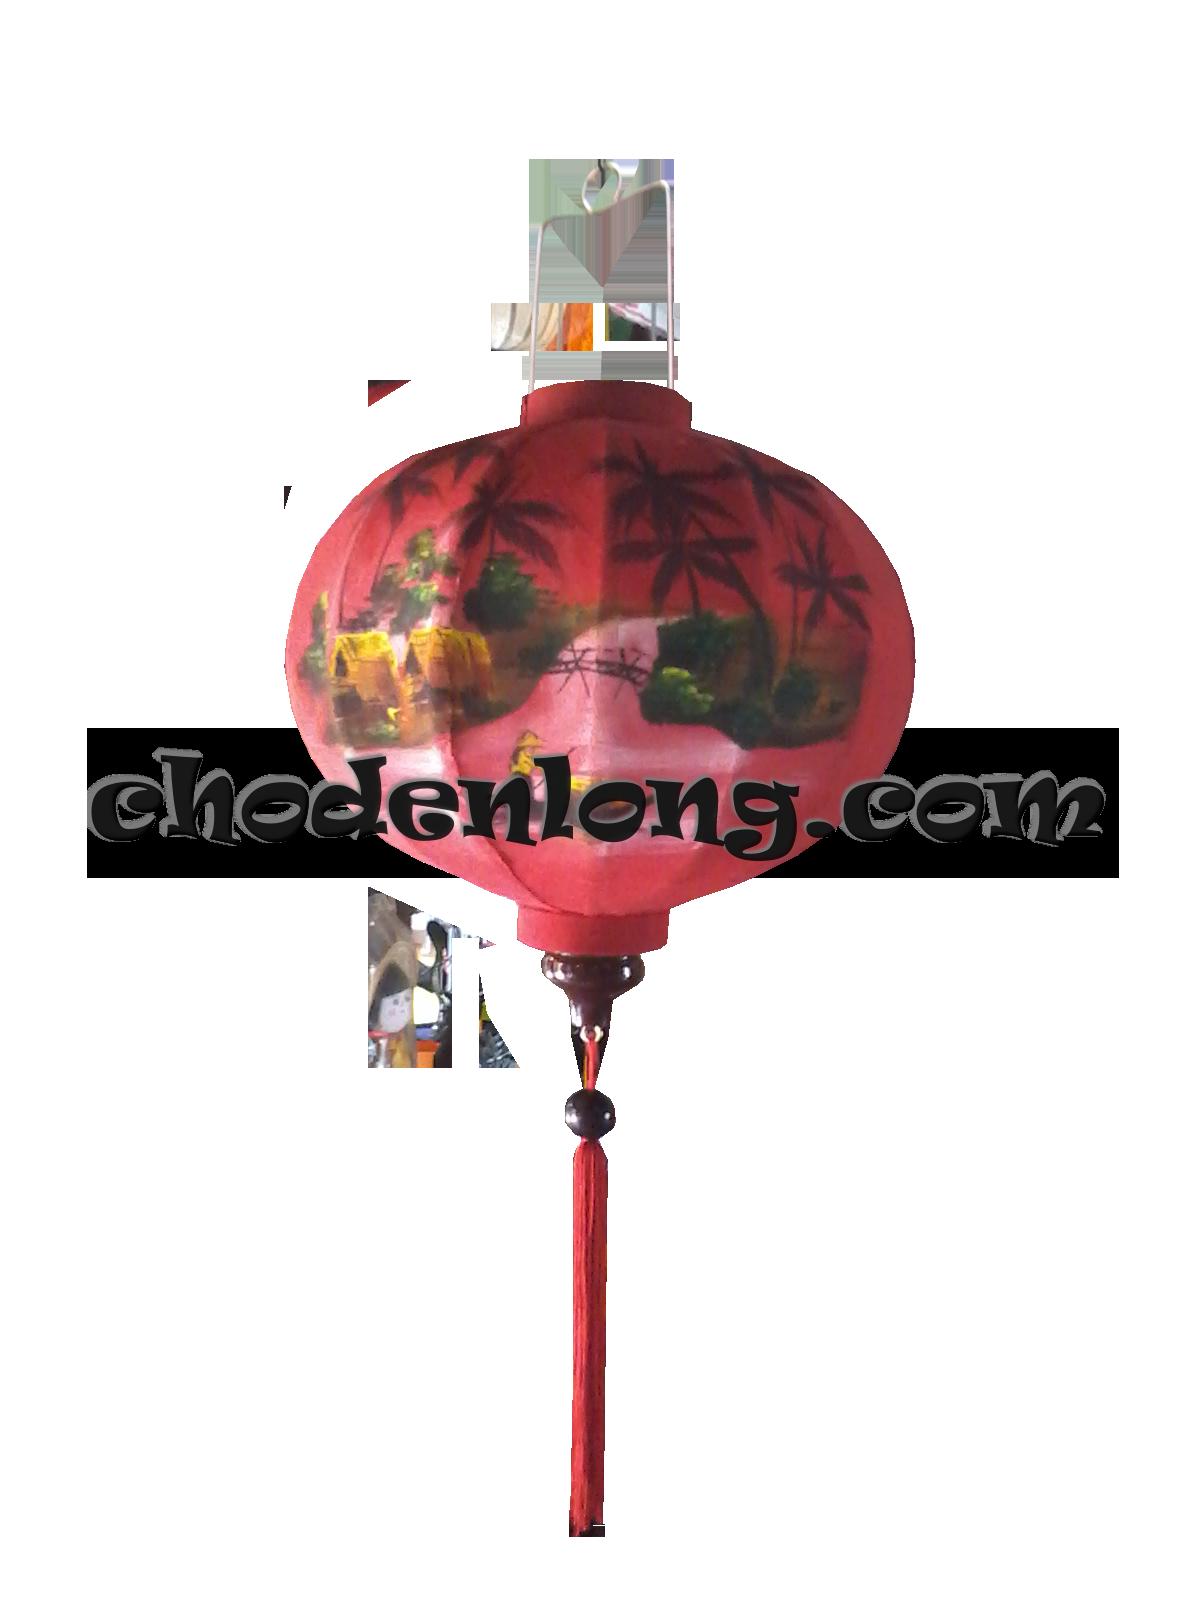 Đèn lồng Hội An vẽ tranh cô gái chèo thuyền